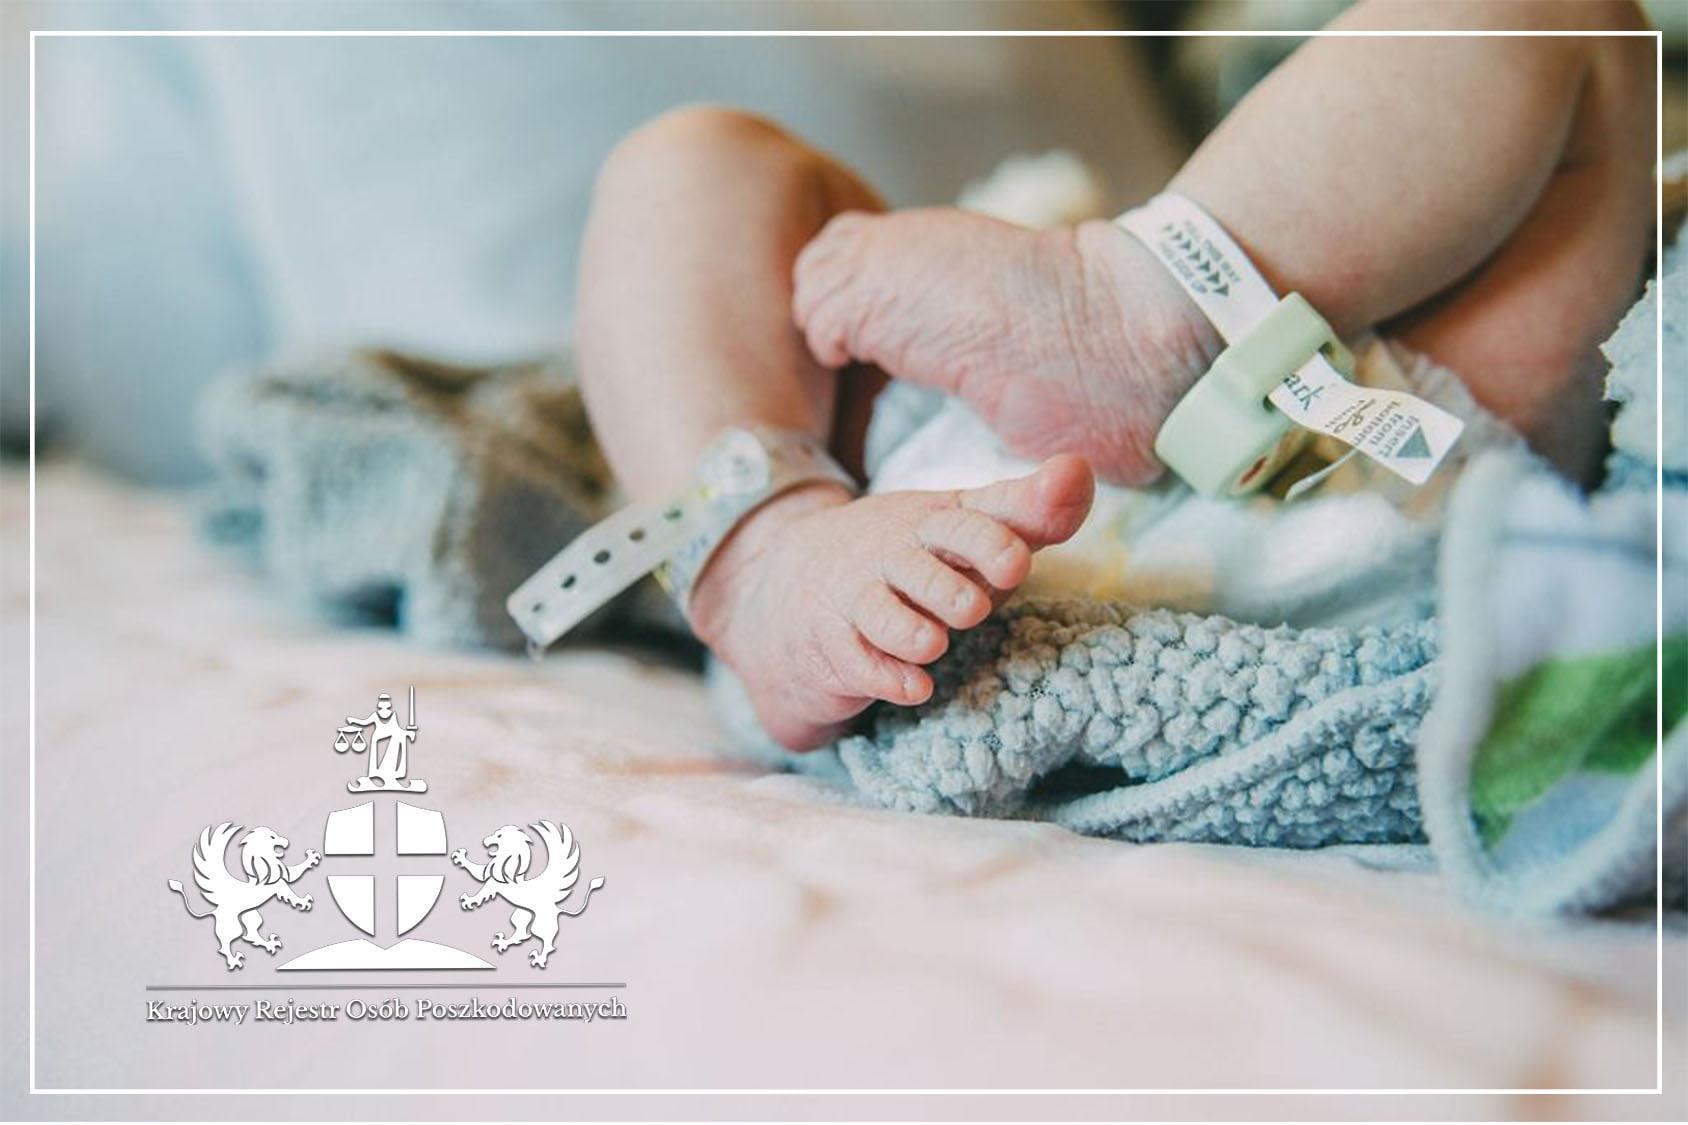 Śmierć noworodka przy porodzieka